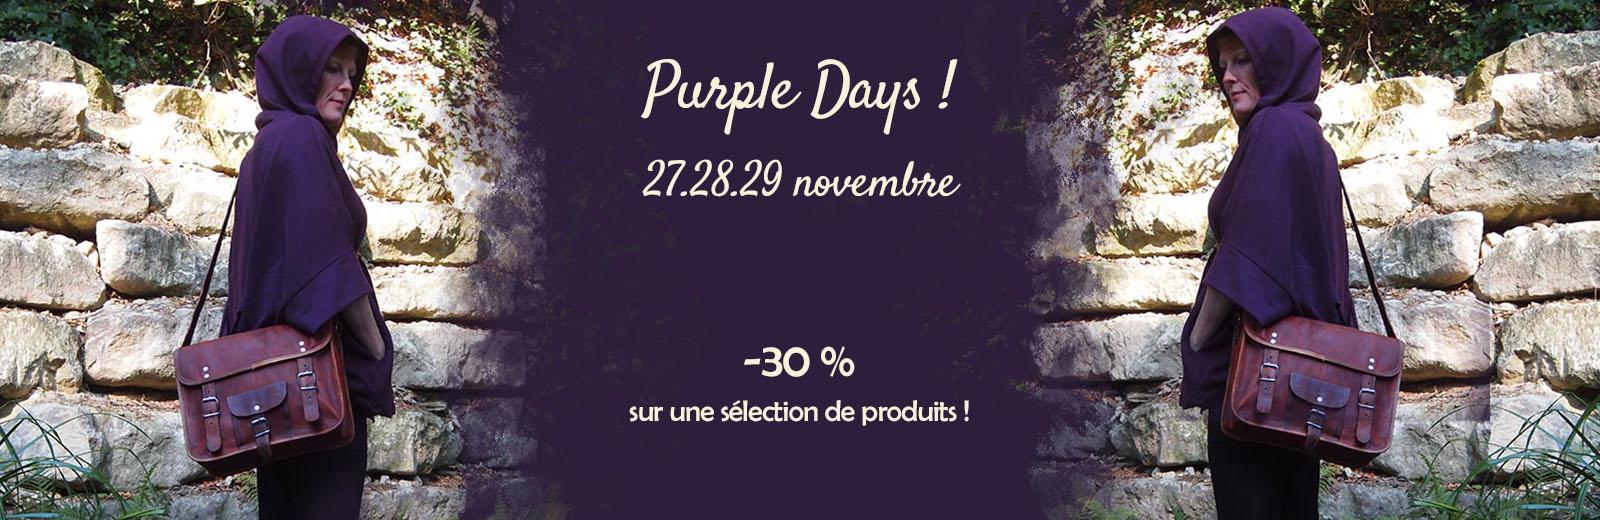 carrousel-purple-days 2020.jpg